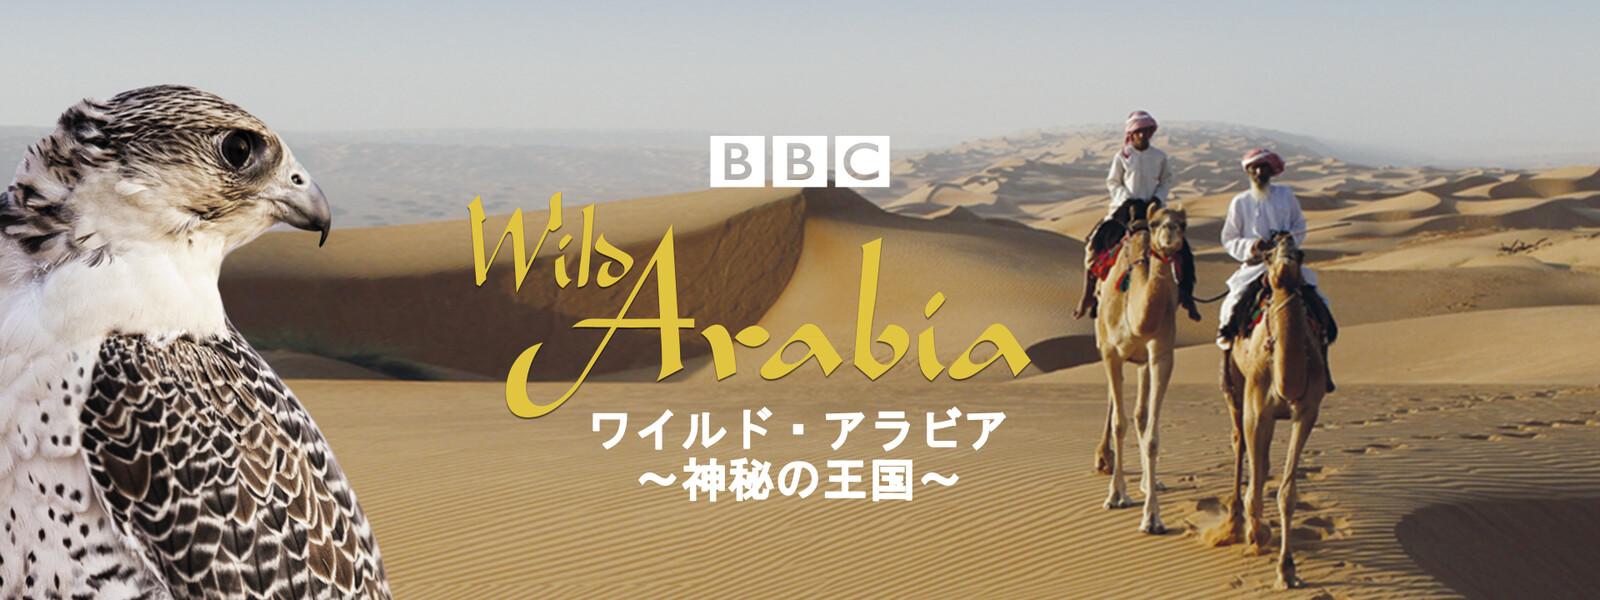 ワイルド・アラビア ~神秘の王国~の動画 - ワイルド・ブラジル ~情熱の大陸~